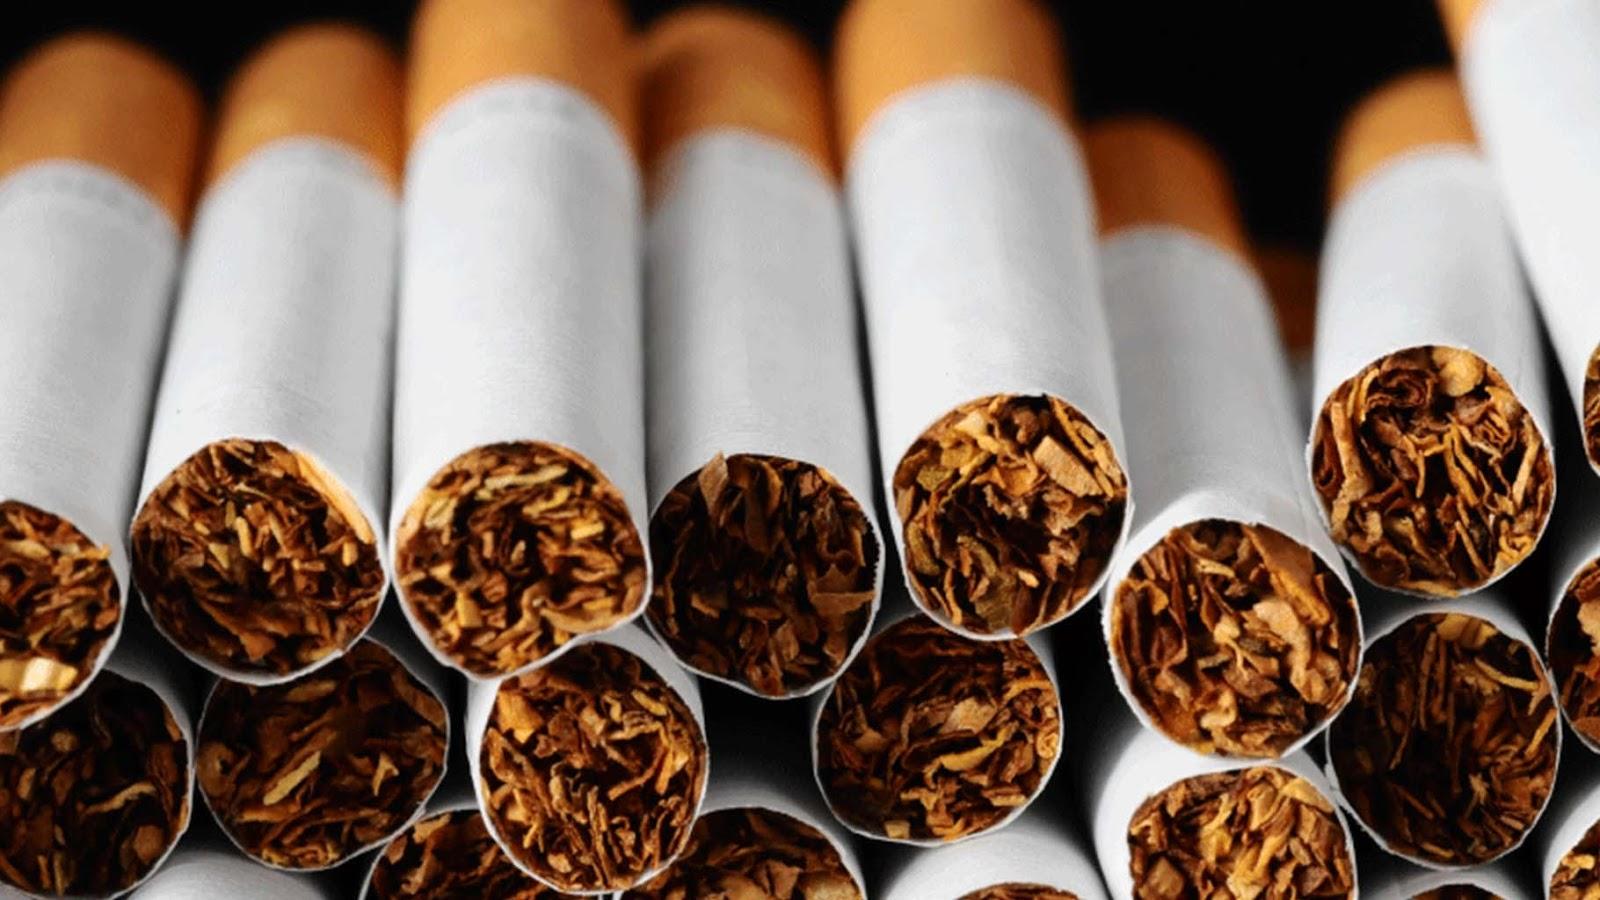 harga rokok, rokok, cukai rokok